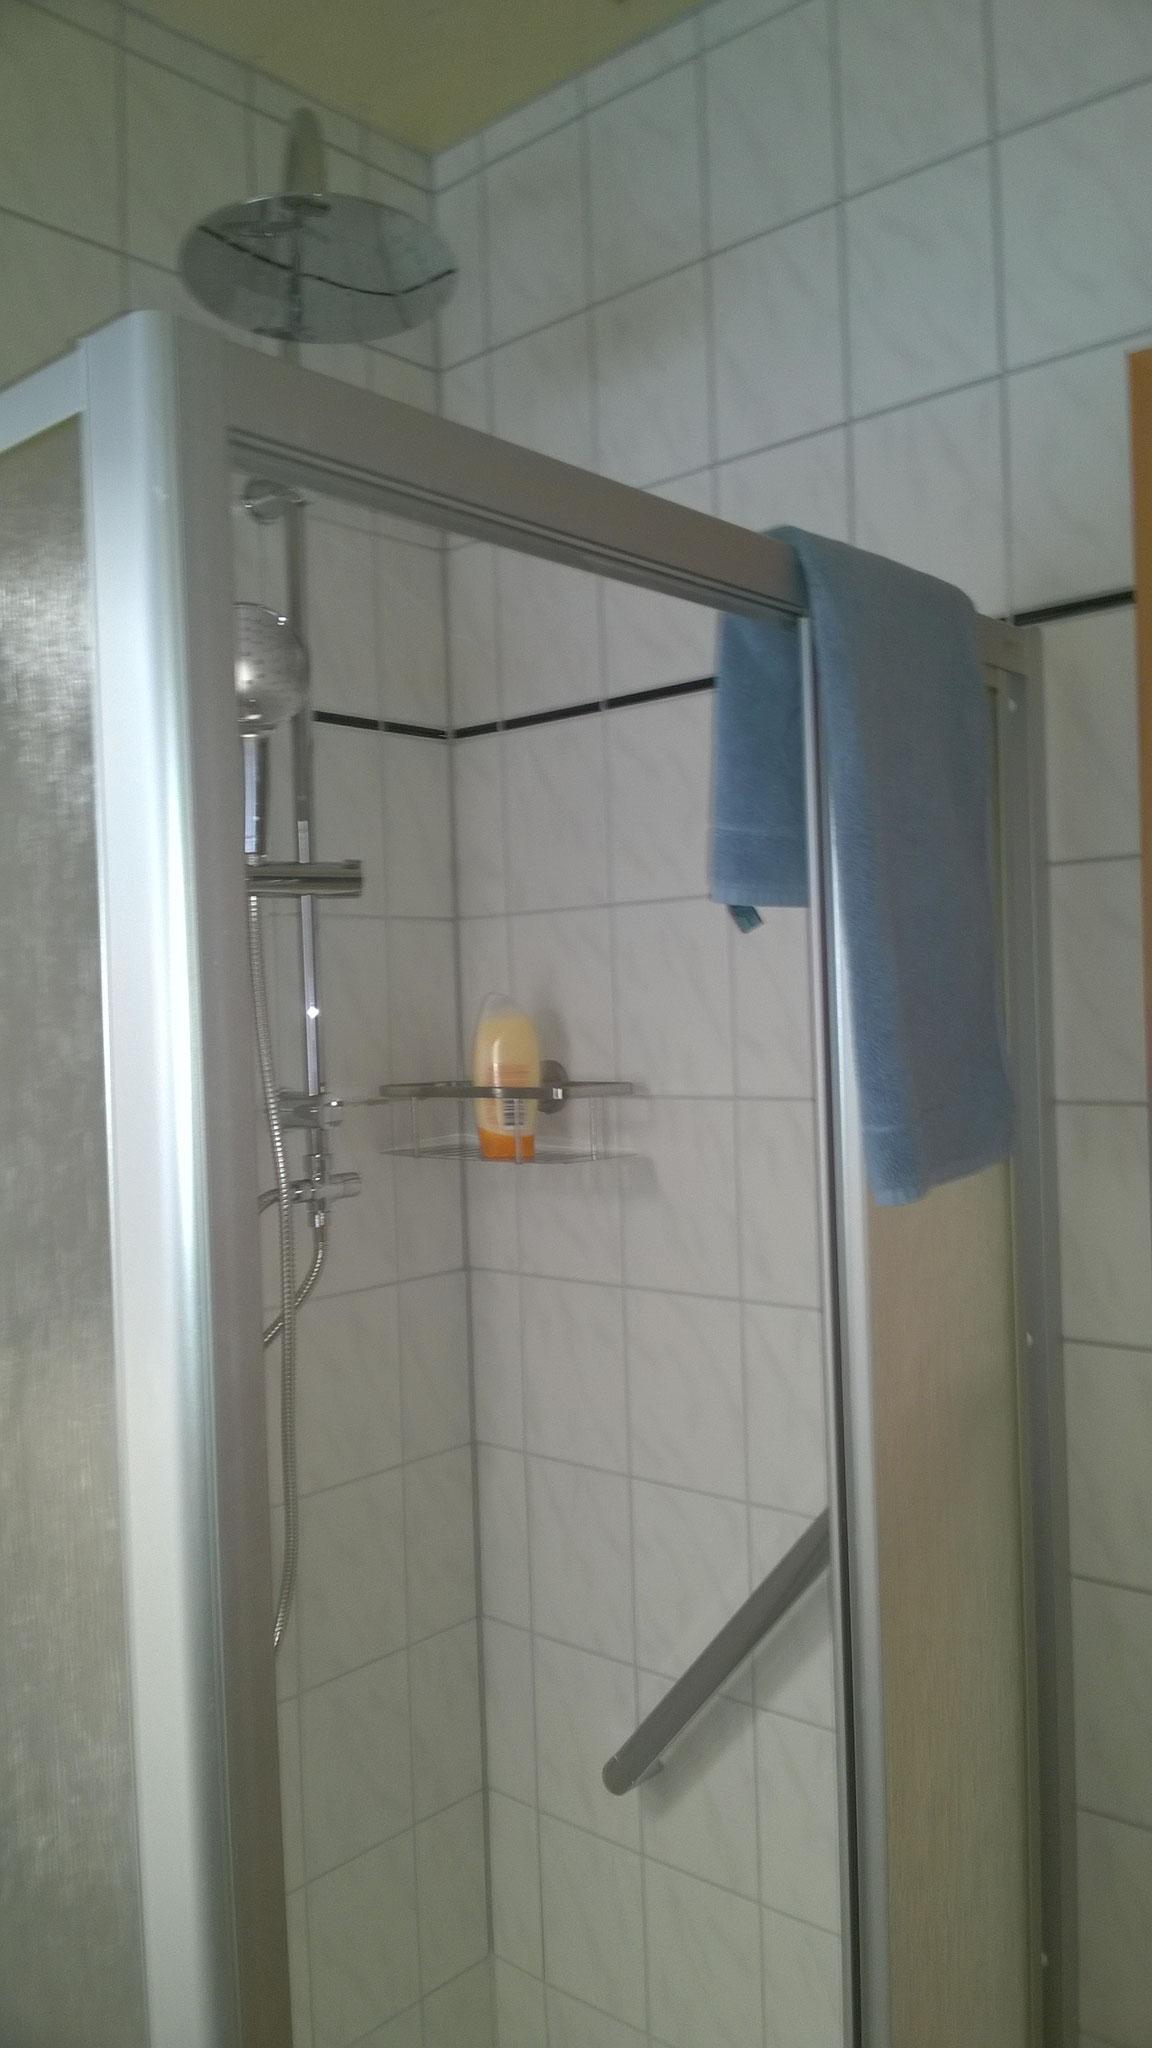 Badezimmer mit Regendusche/ Bathroom with rain shower